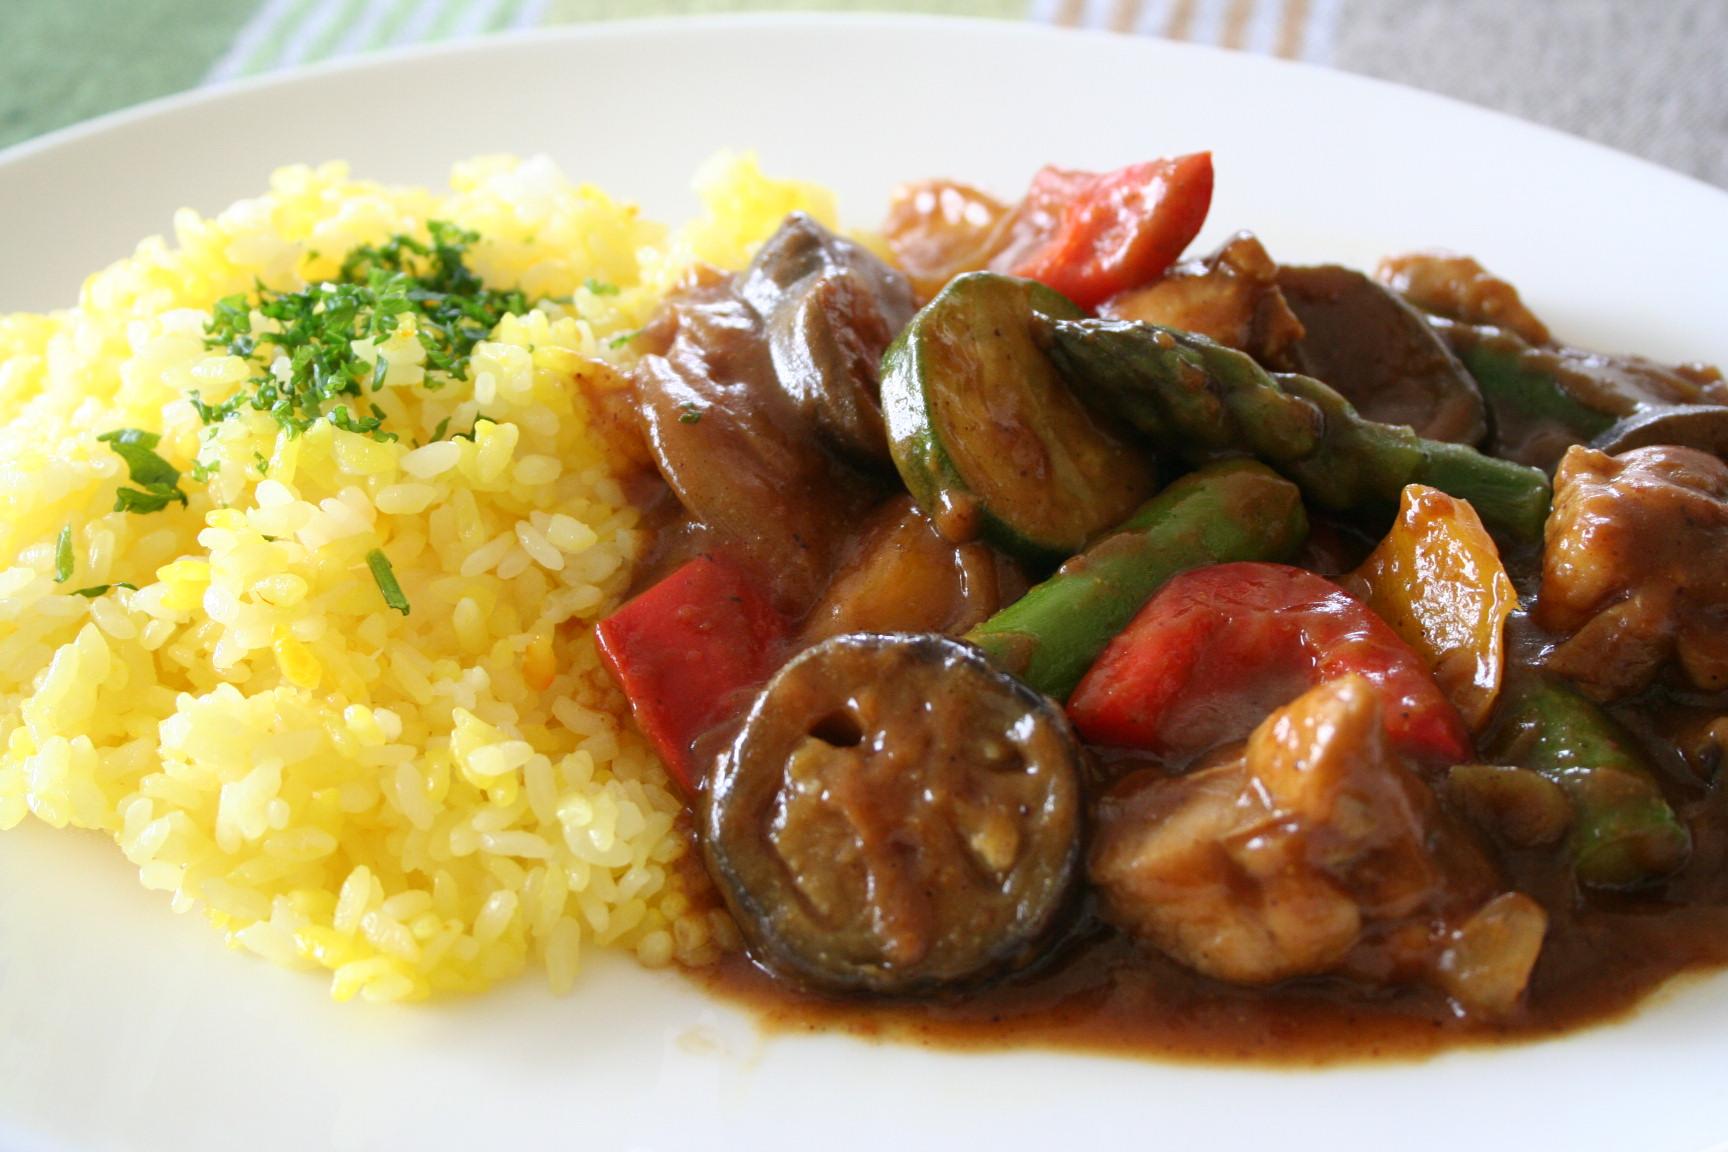 野菜もたっぷり摂っちゃおう!夏野菜カレーの人気レシピまとめ☆のサムネイル画像